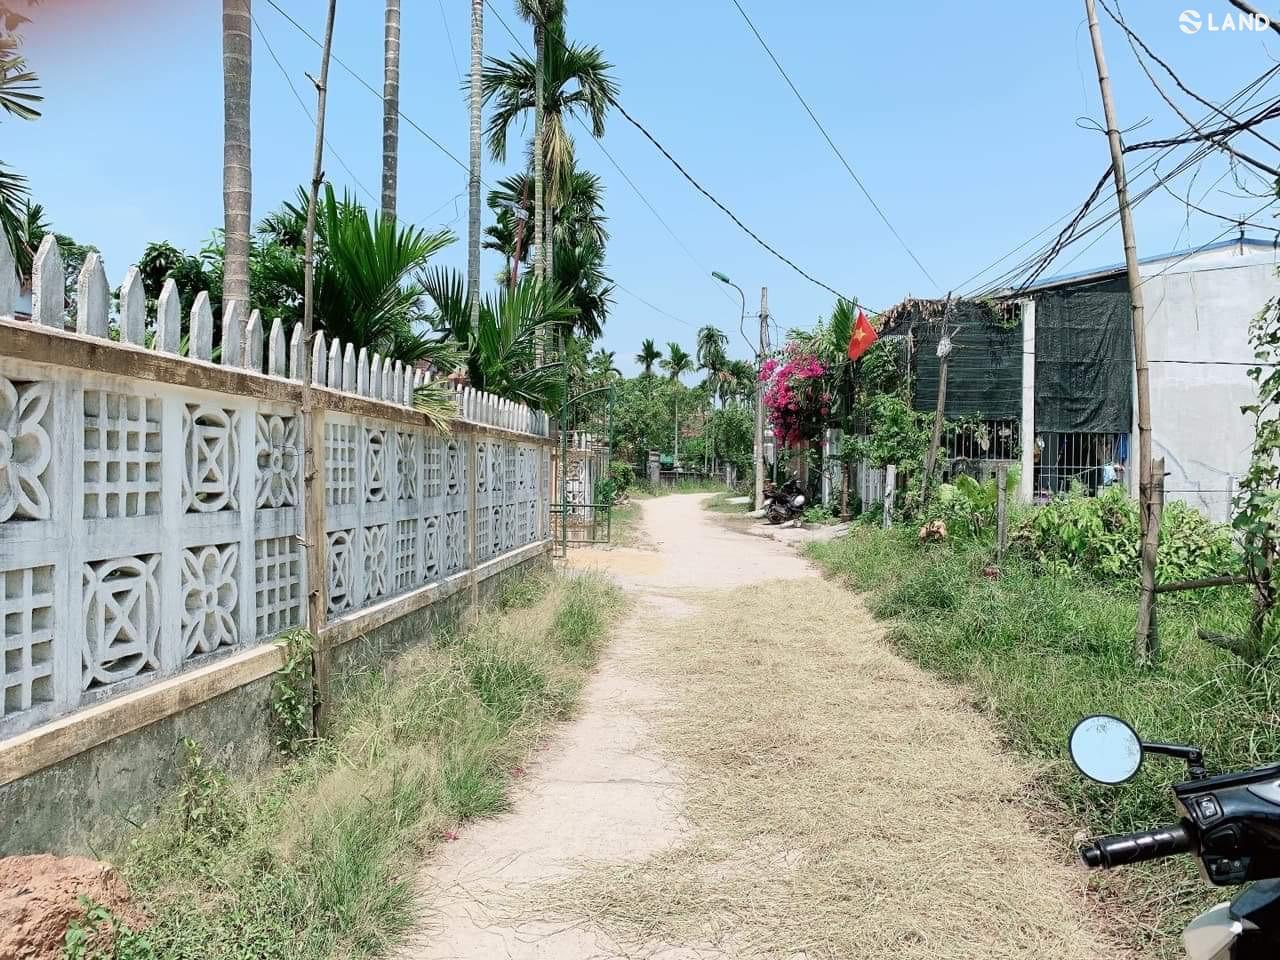 Bán Nhanh Lô Đất Kiệt 22 Nguyễn Dương Trực, Thủy Phương, Hương Thủy Huế.